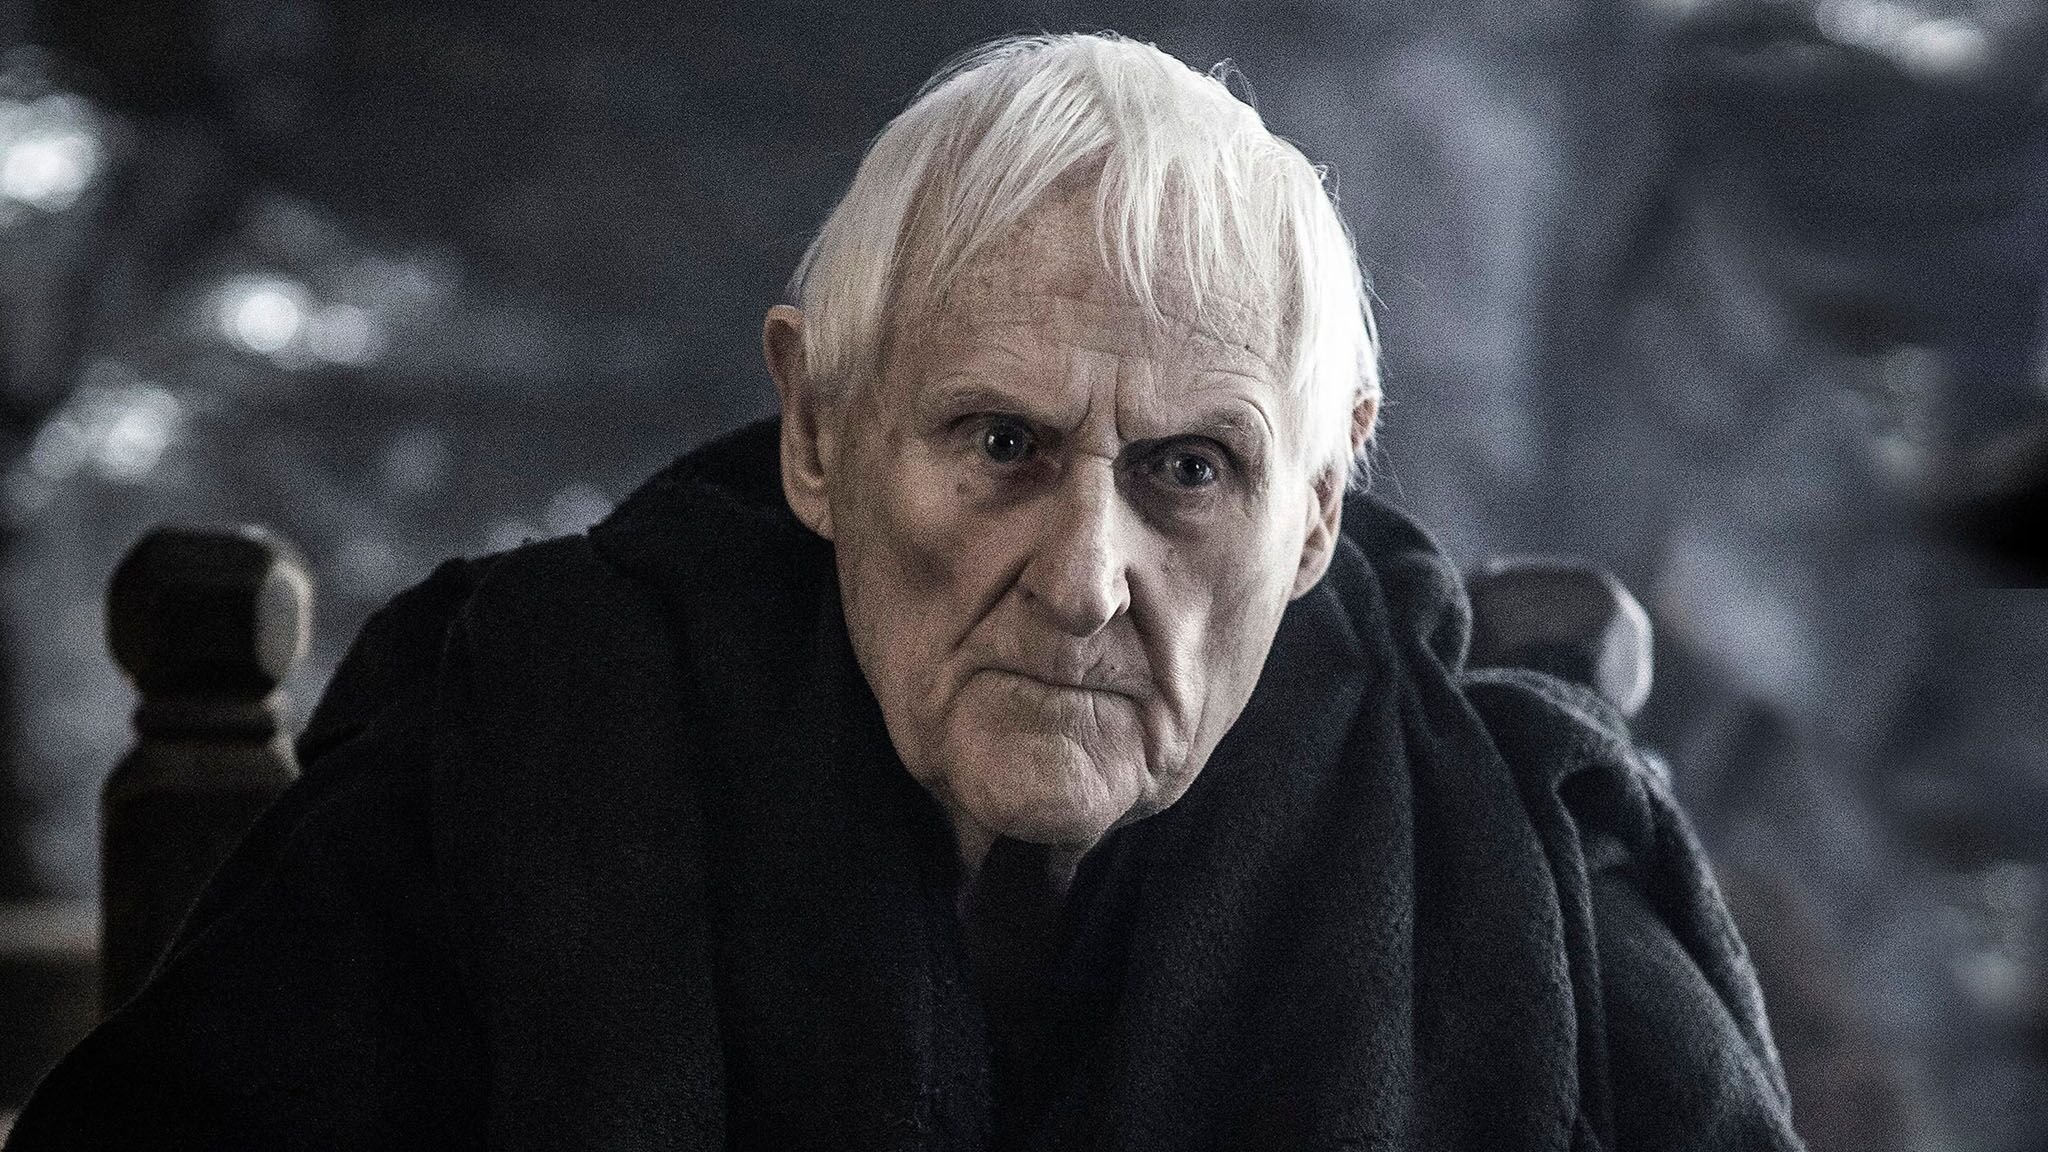 Game of Thrones : Peter Vaughan, l'acteur de la série, est décédé